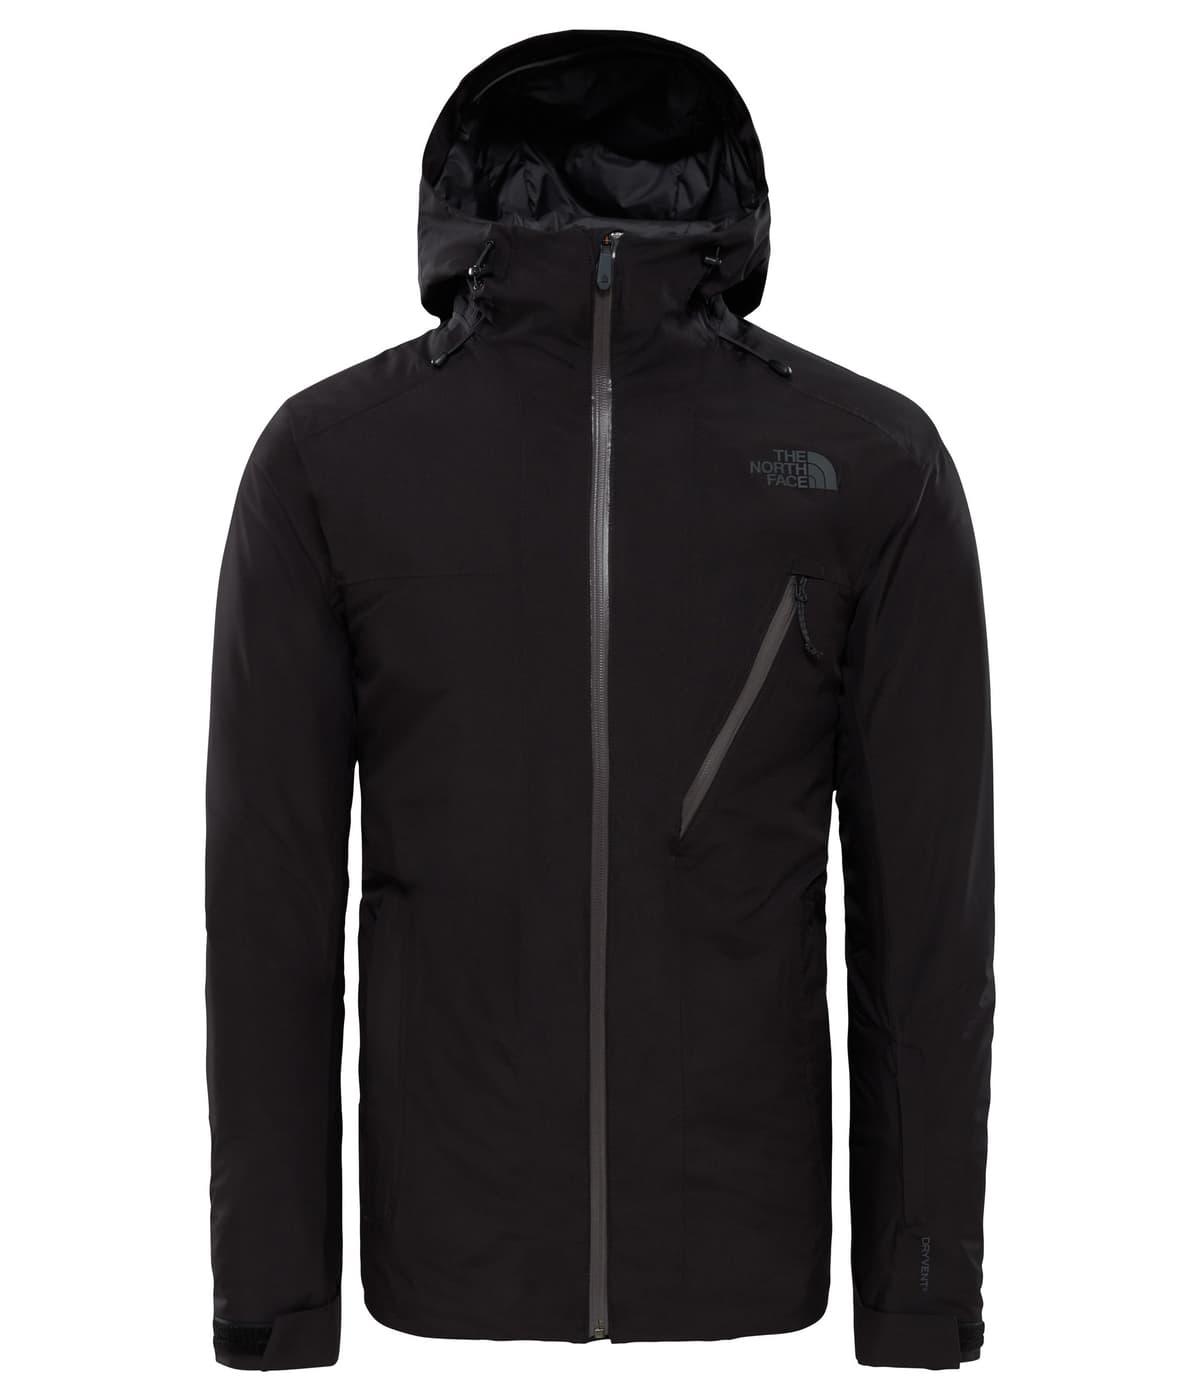 The Da Descendit Sci Donna Migros Jacket Giacca North Face rwFgqPrS 1ec50e993c8b